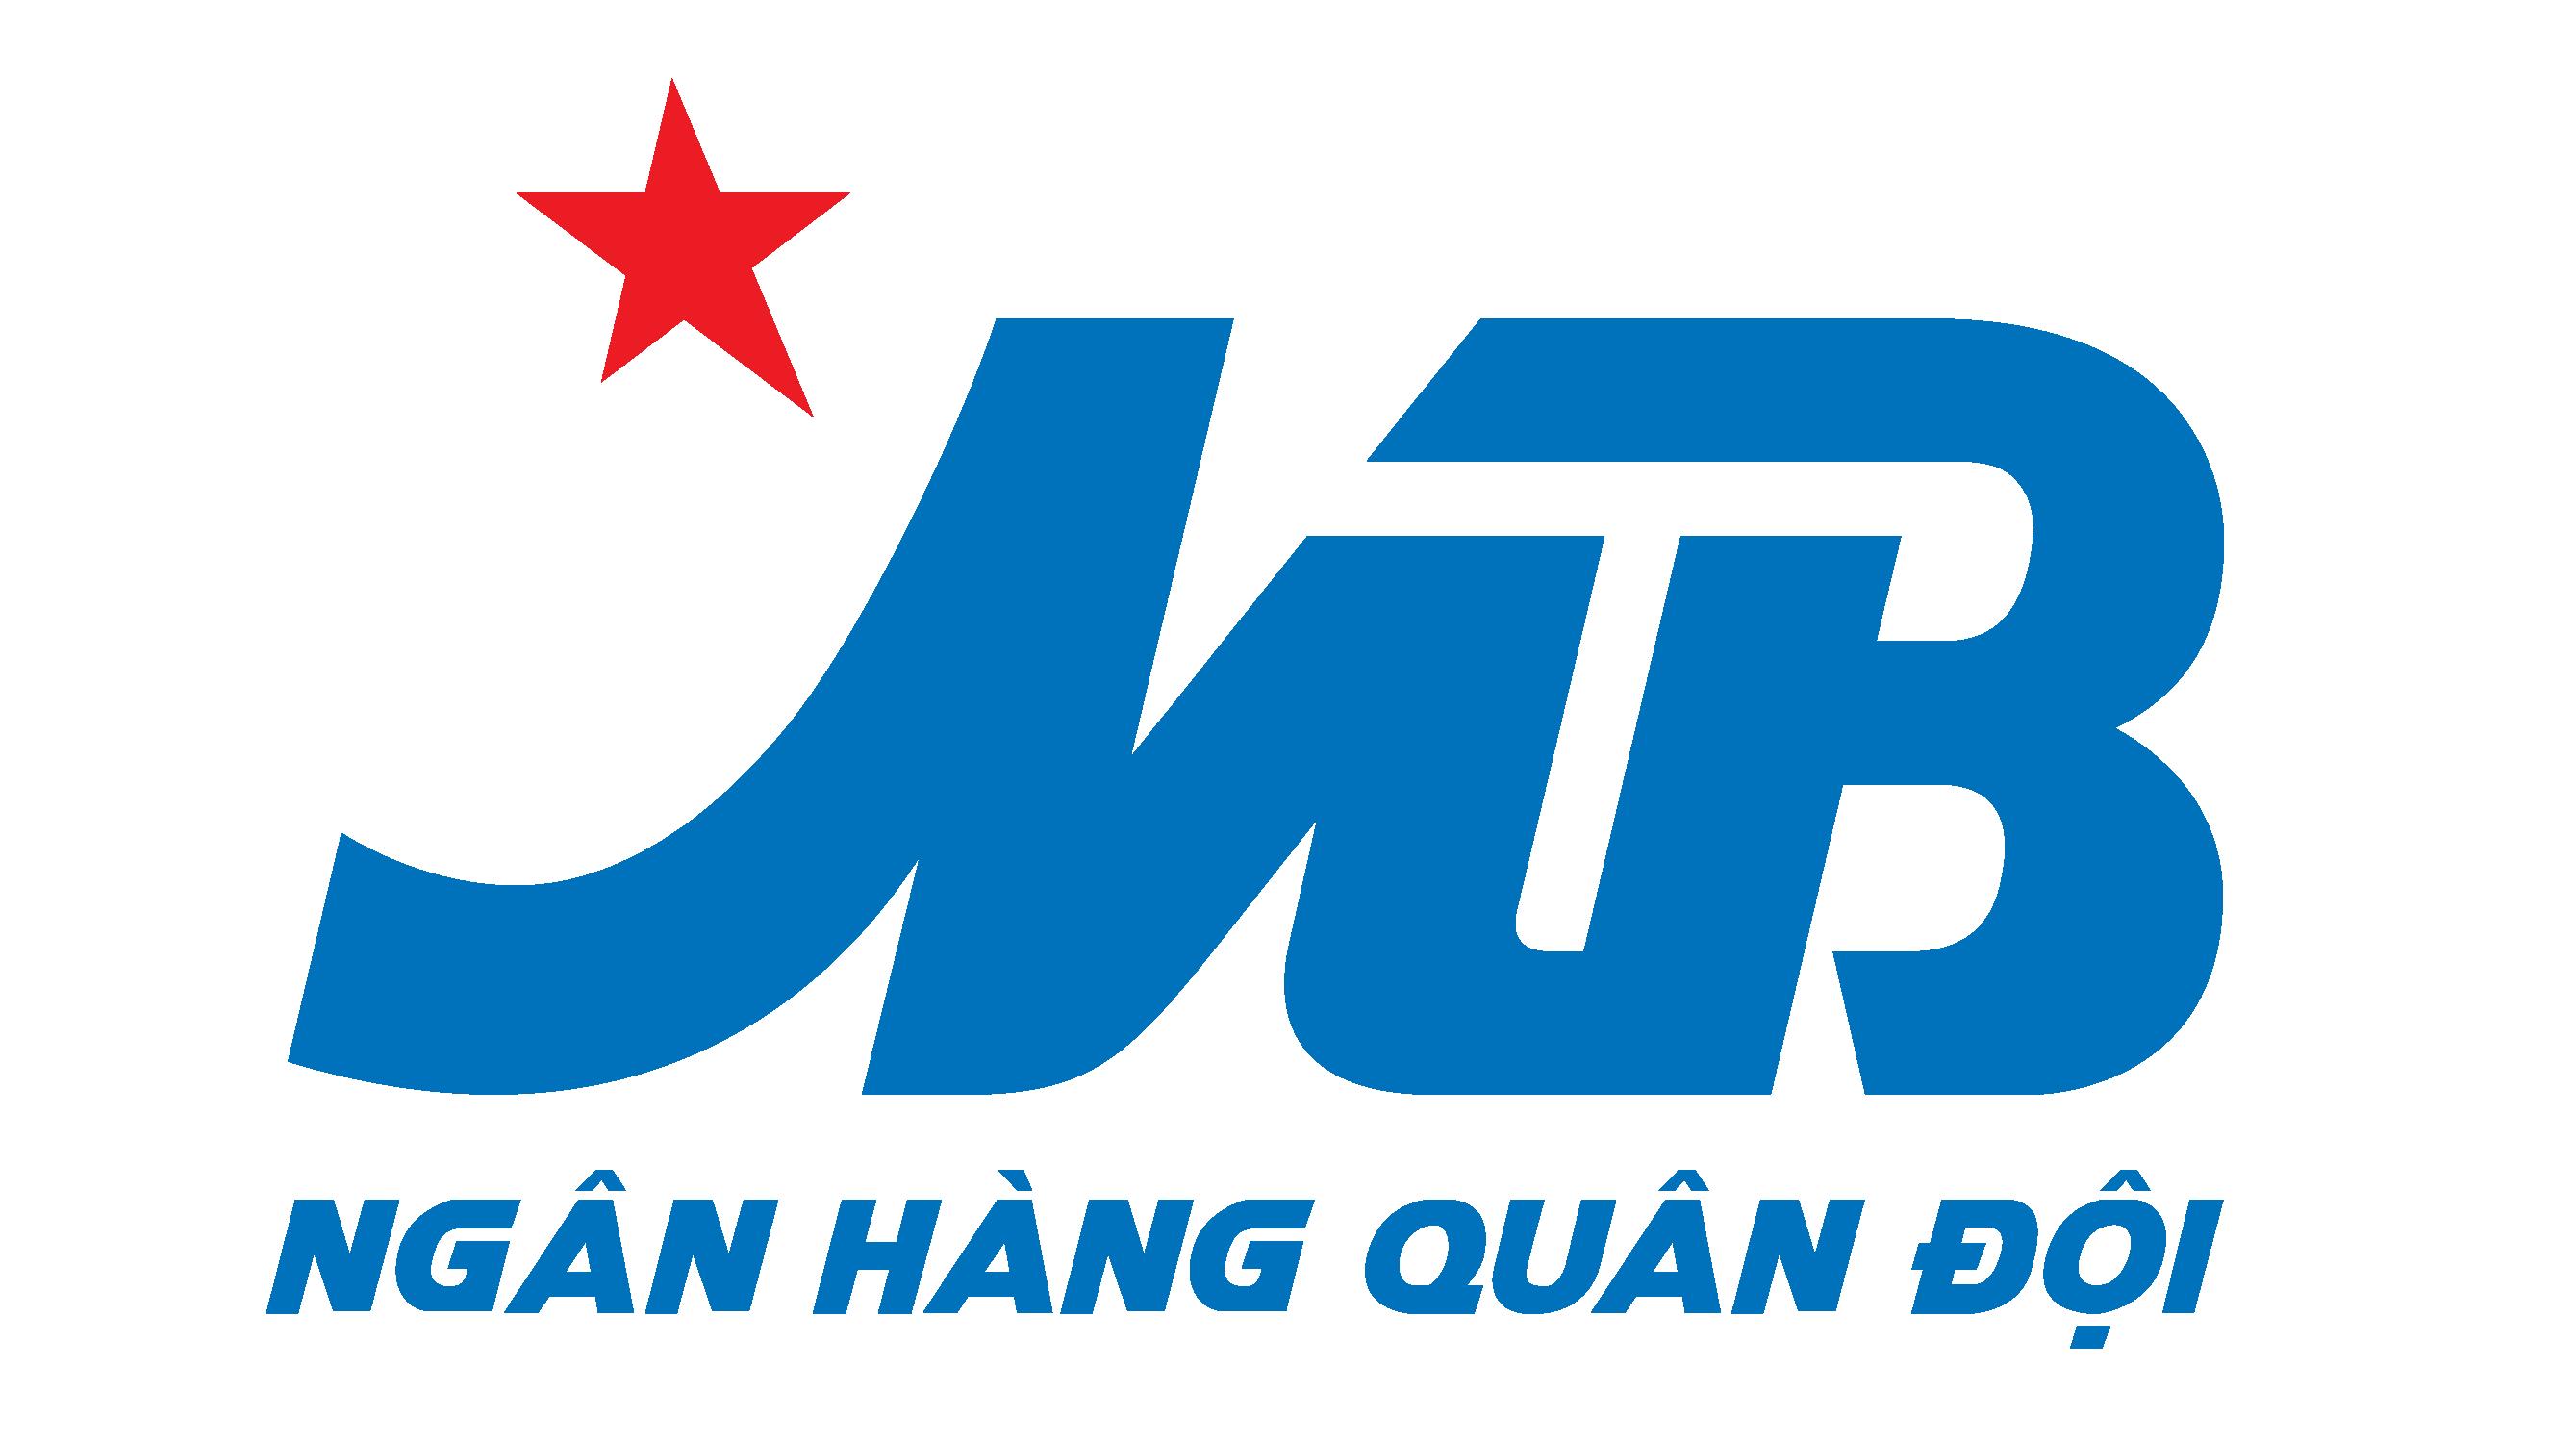 NGÂN HÀNG QUÂN ĐỘI